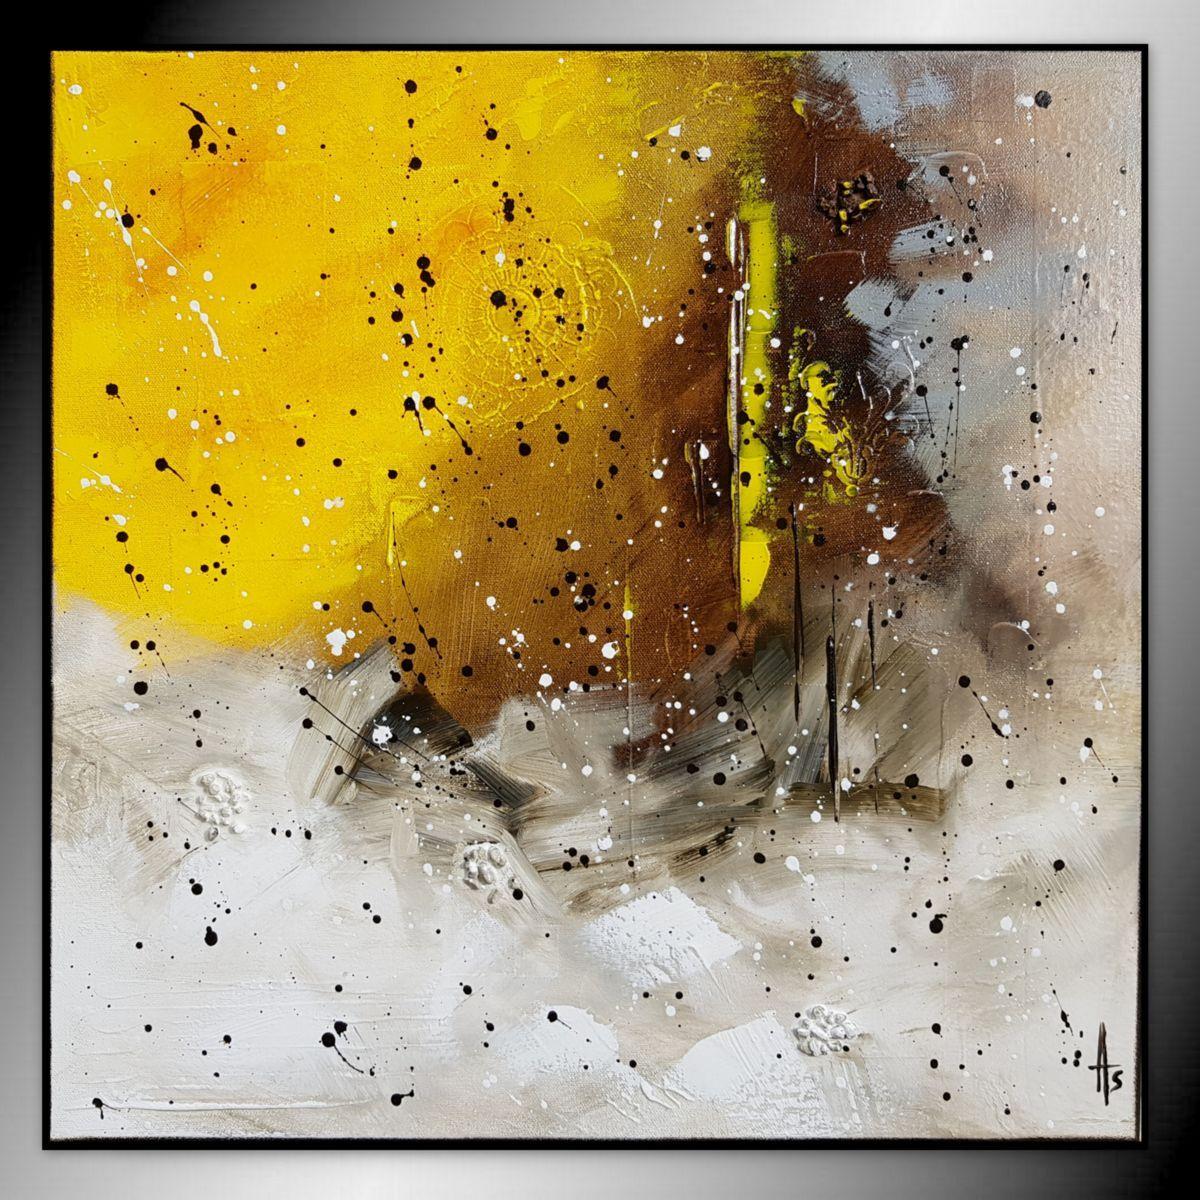 Tableau Peinture Abstrait Peinture 50x50x2 Cm C 2018 Par Sandrine Hartmann Tableau Peinture Abstrait Peinture Abstraite Toile Peinture